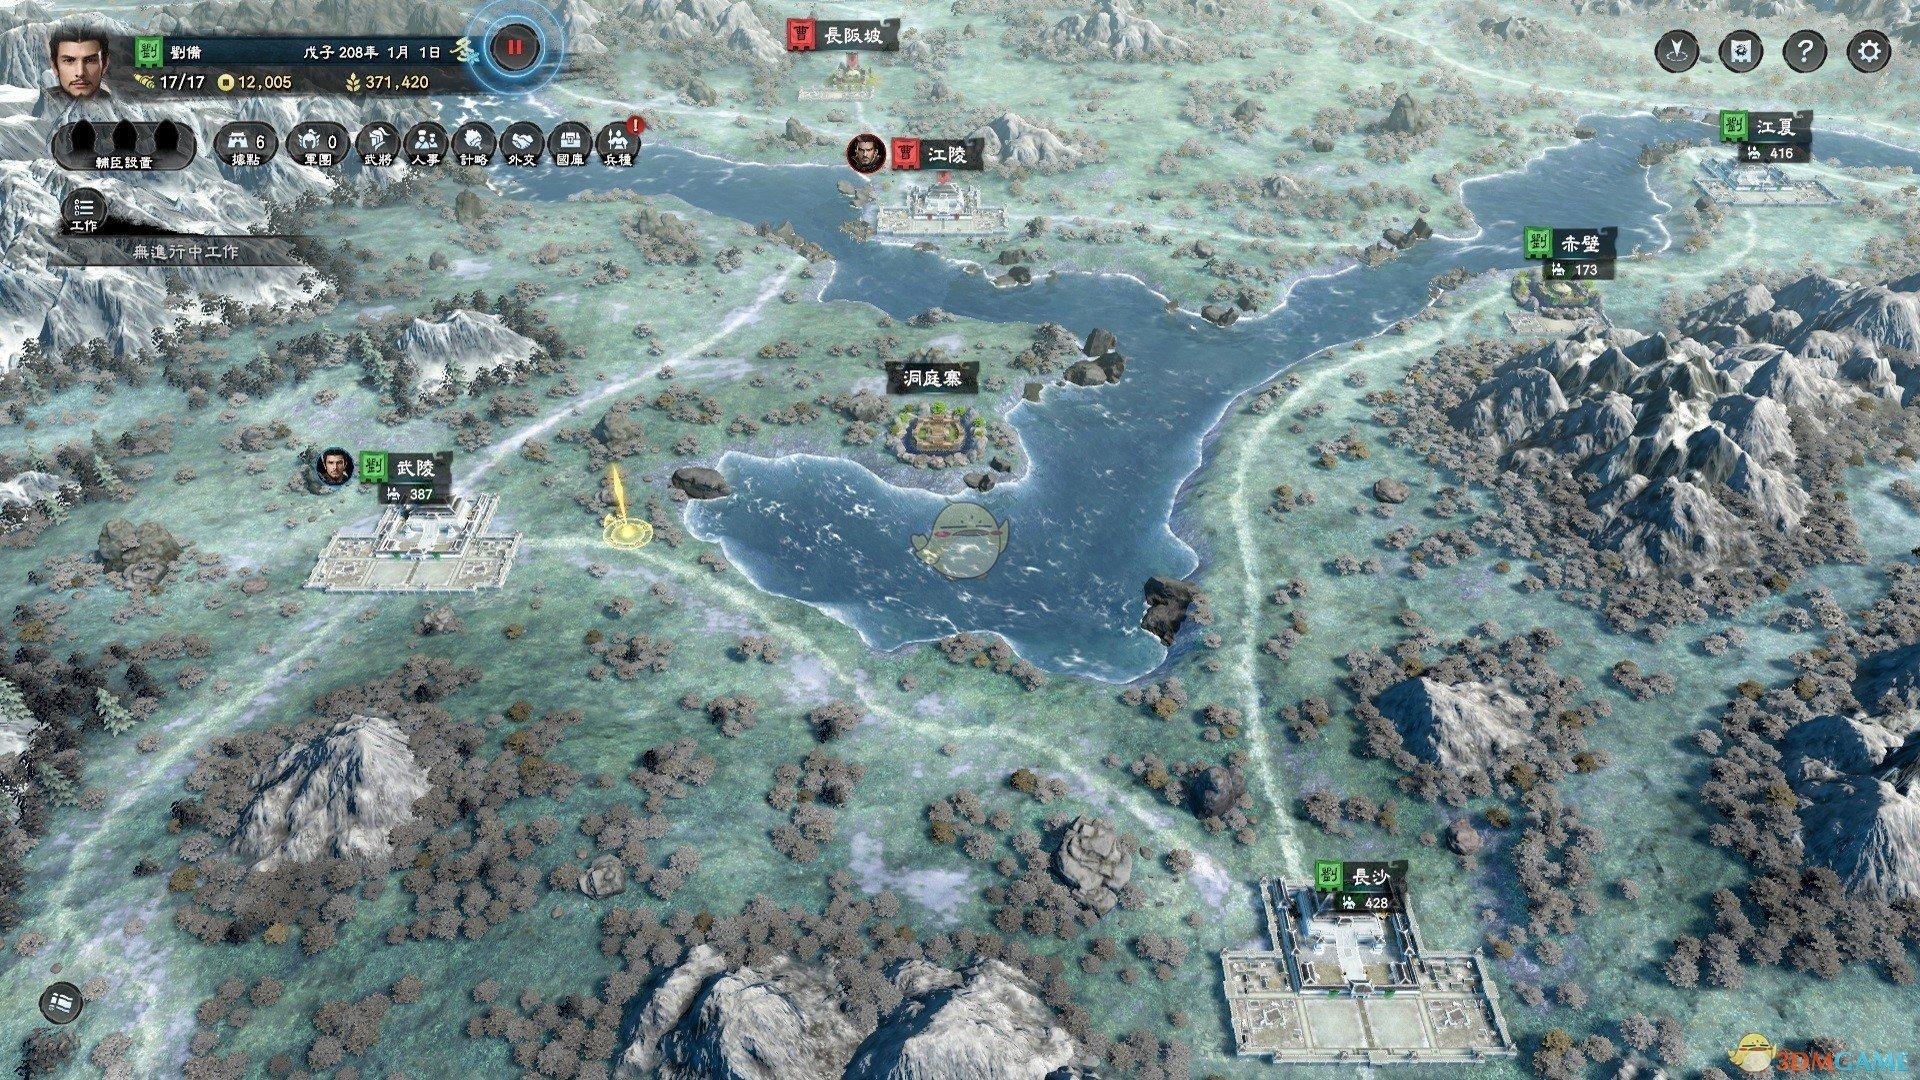 《三国群英传8》游戏配置要求一览